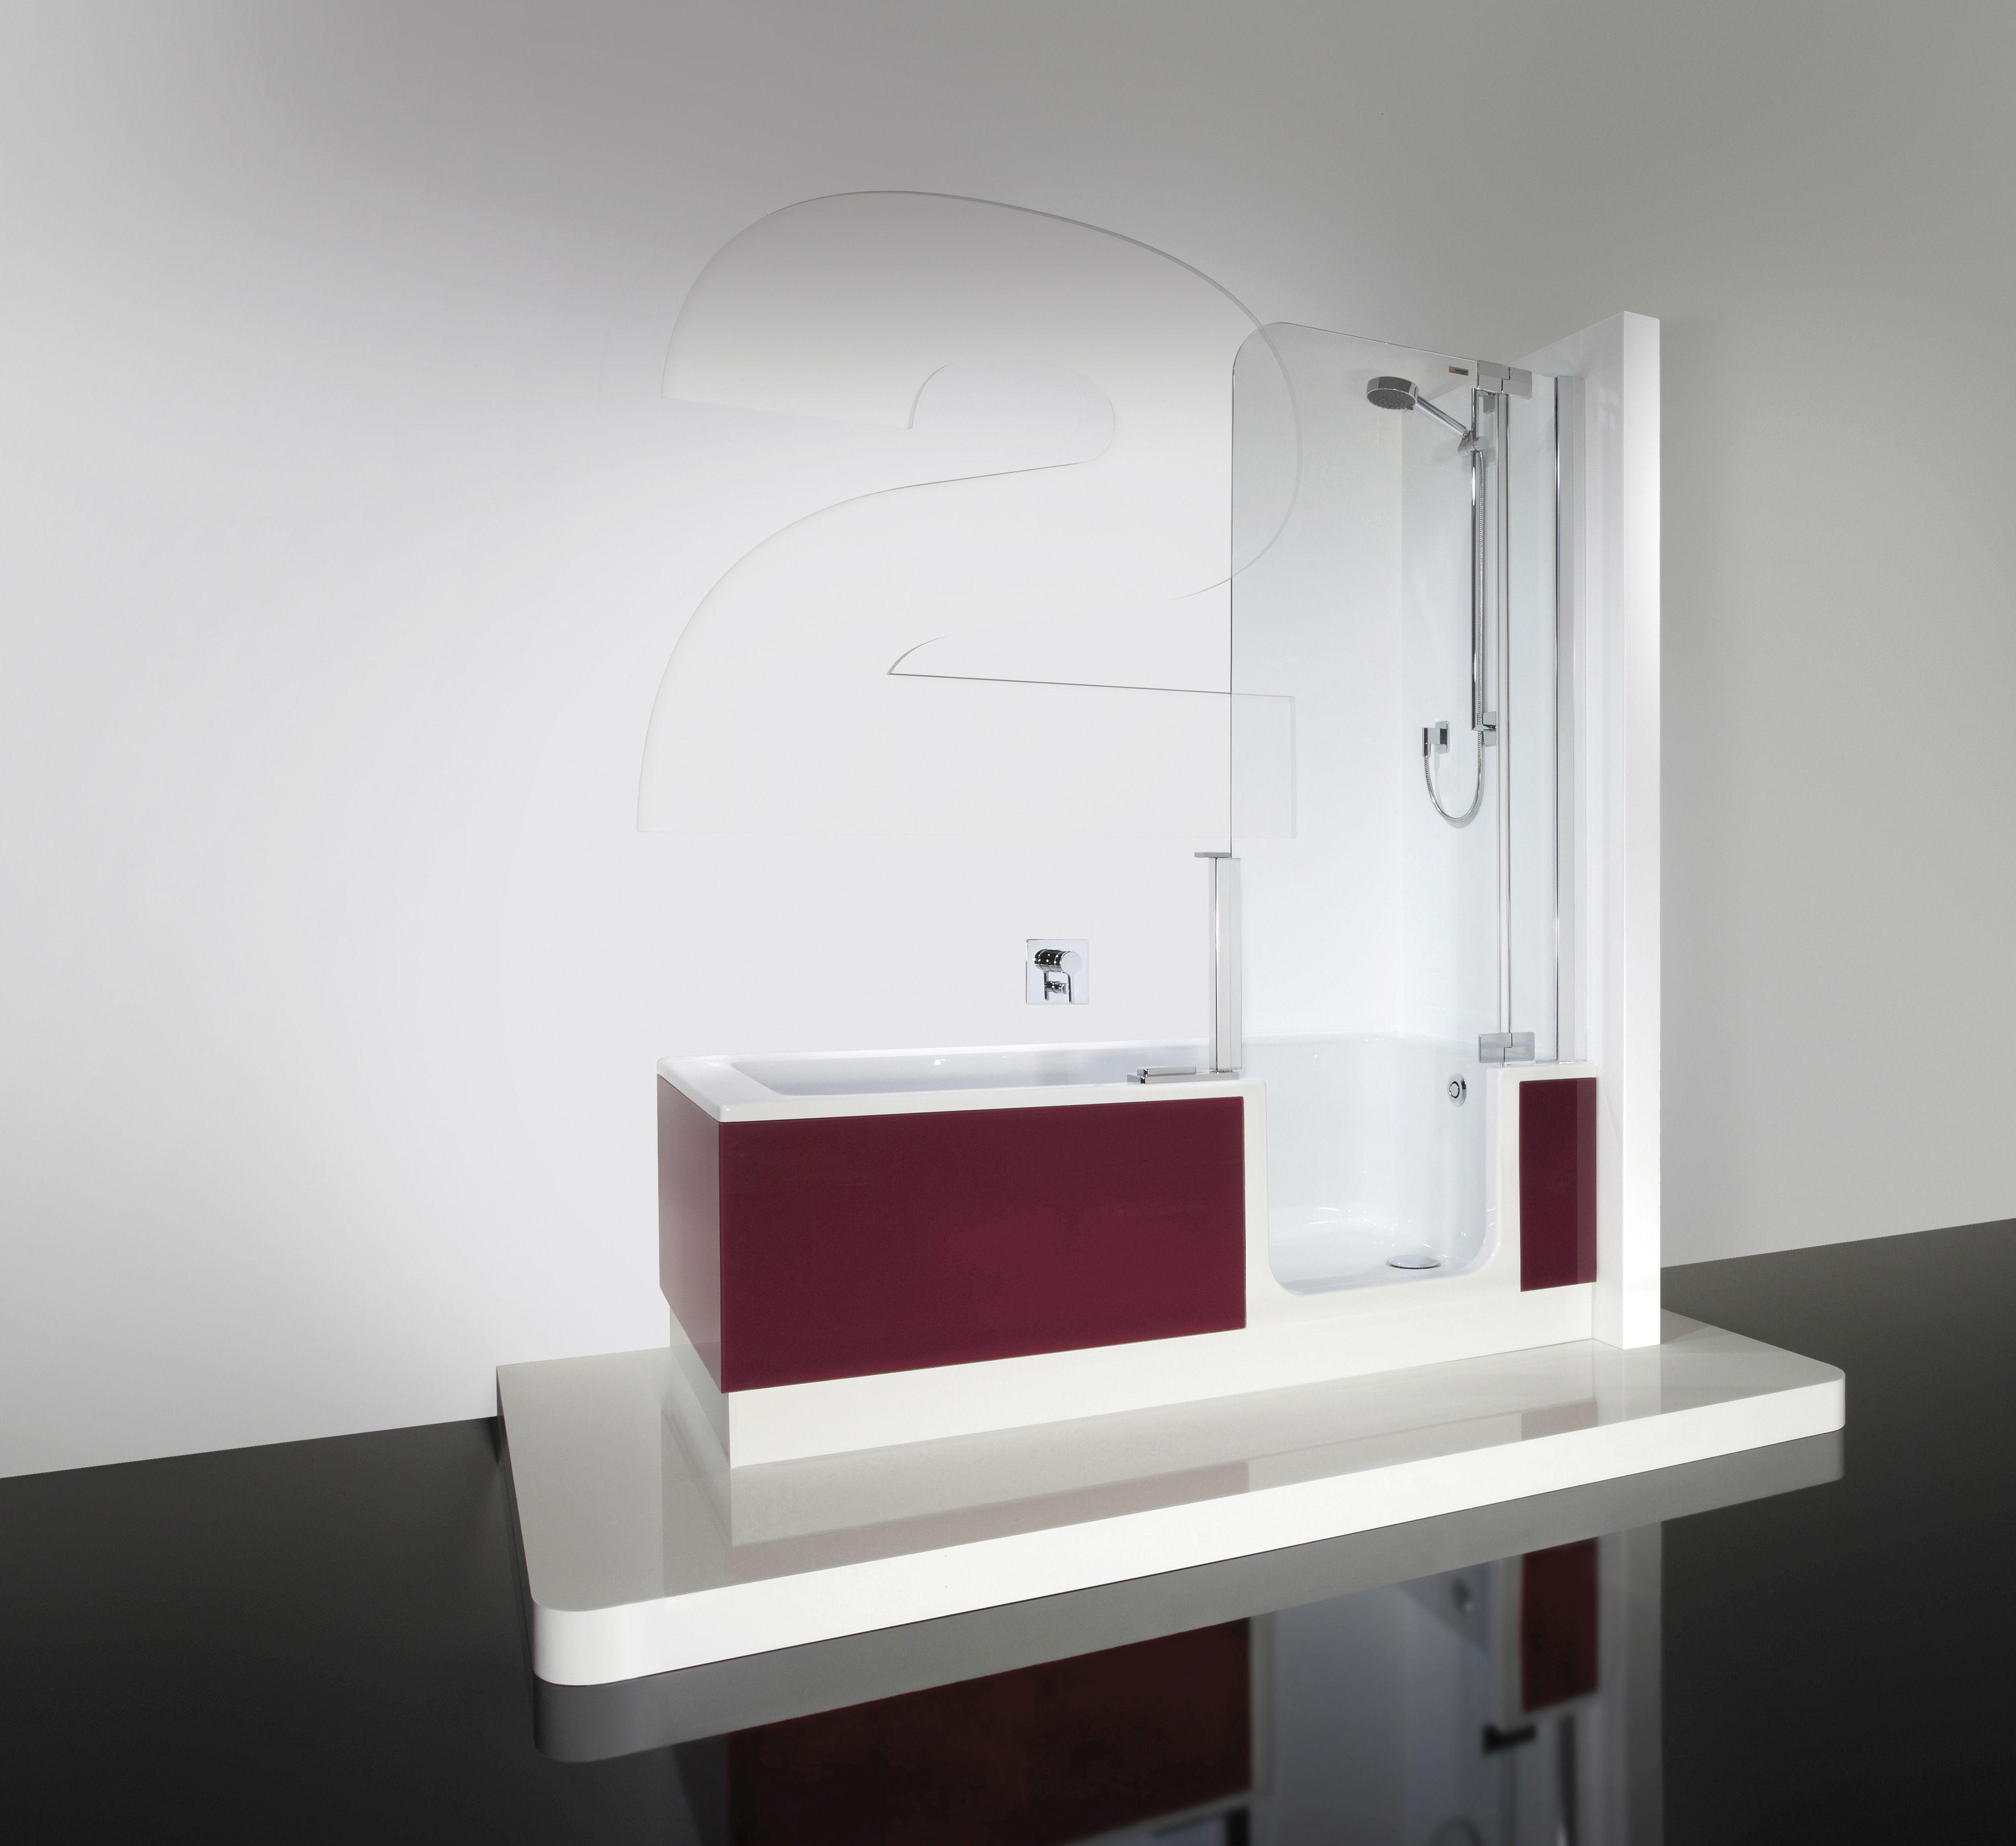 Duschbadewanne twinline  Artweger Twinline 2 Dusch Badewanne 170 x 75 cm mit Tür mit ...